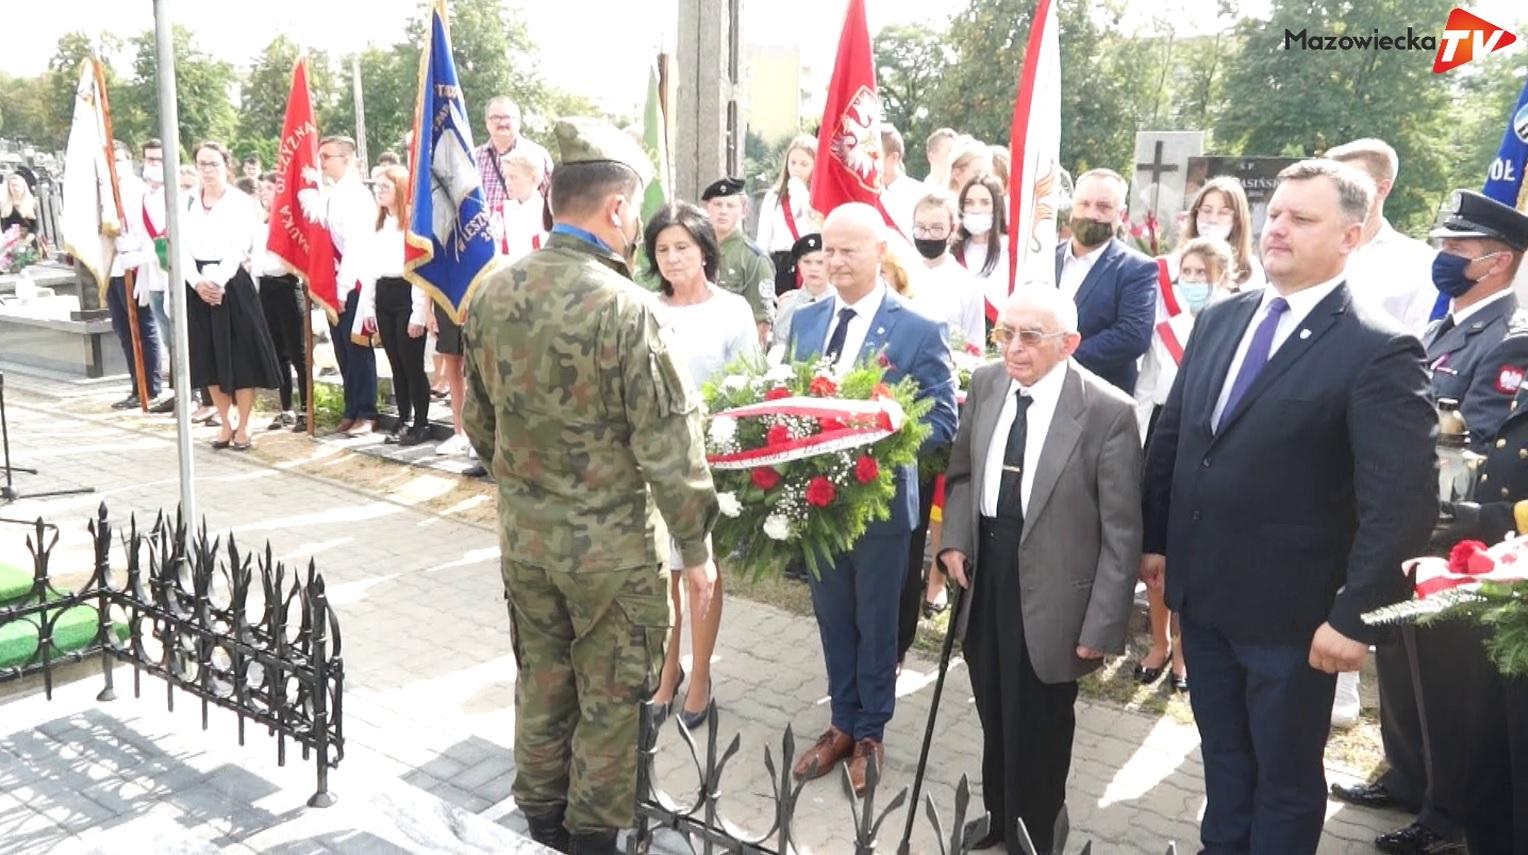 Odsłonięcie tablicy i grobu ostatniego przedwojennego burmistrza Grójca Tadeusza Olszewskiego